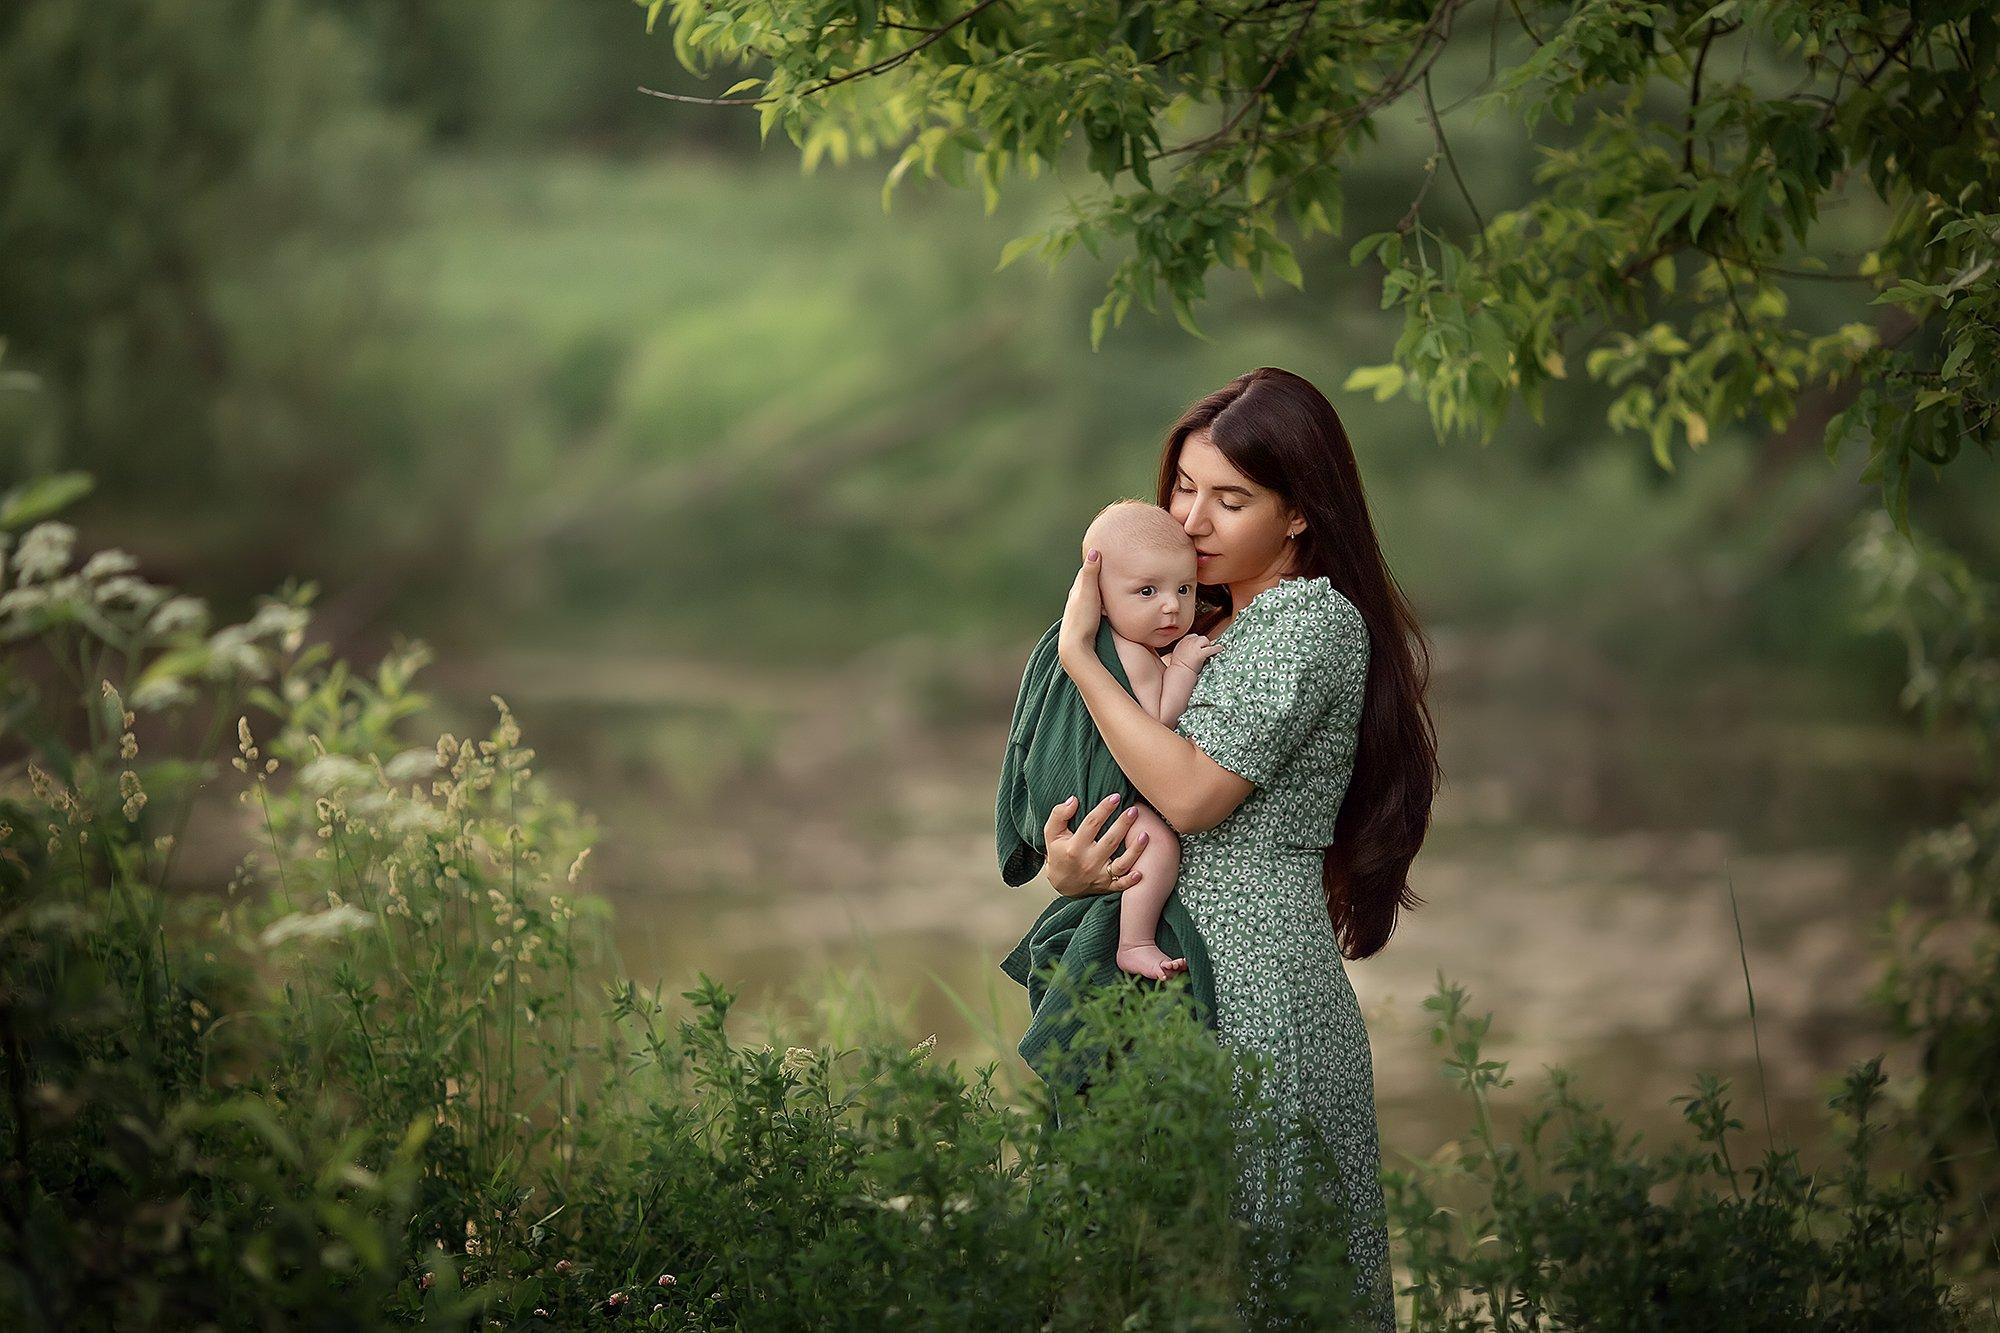 малыш материнство любовь, Екатерина Белоножкина